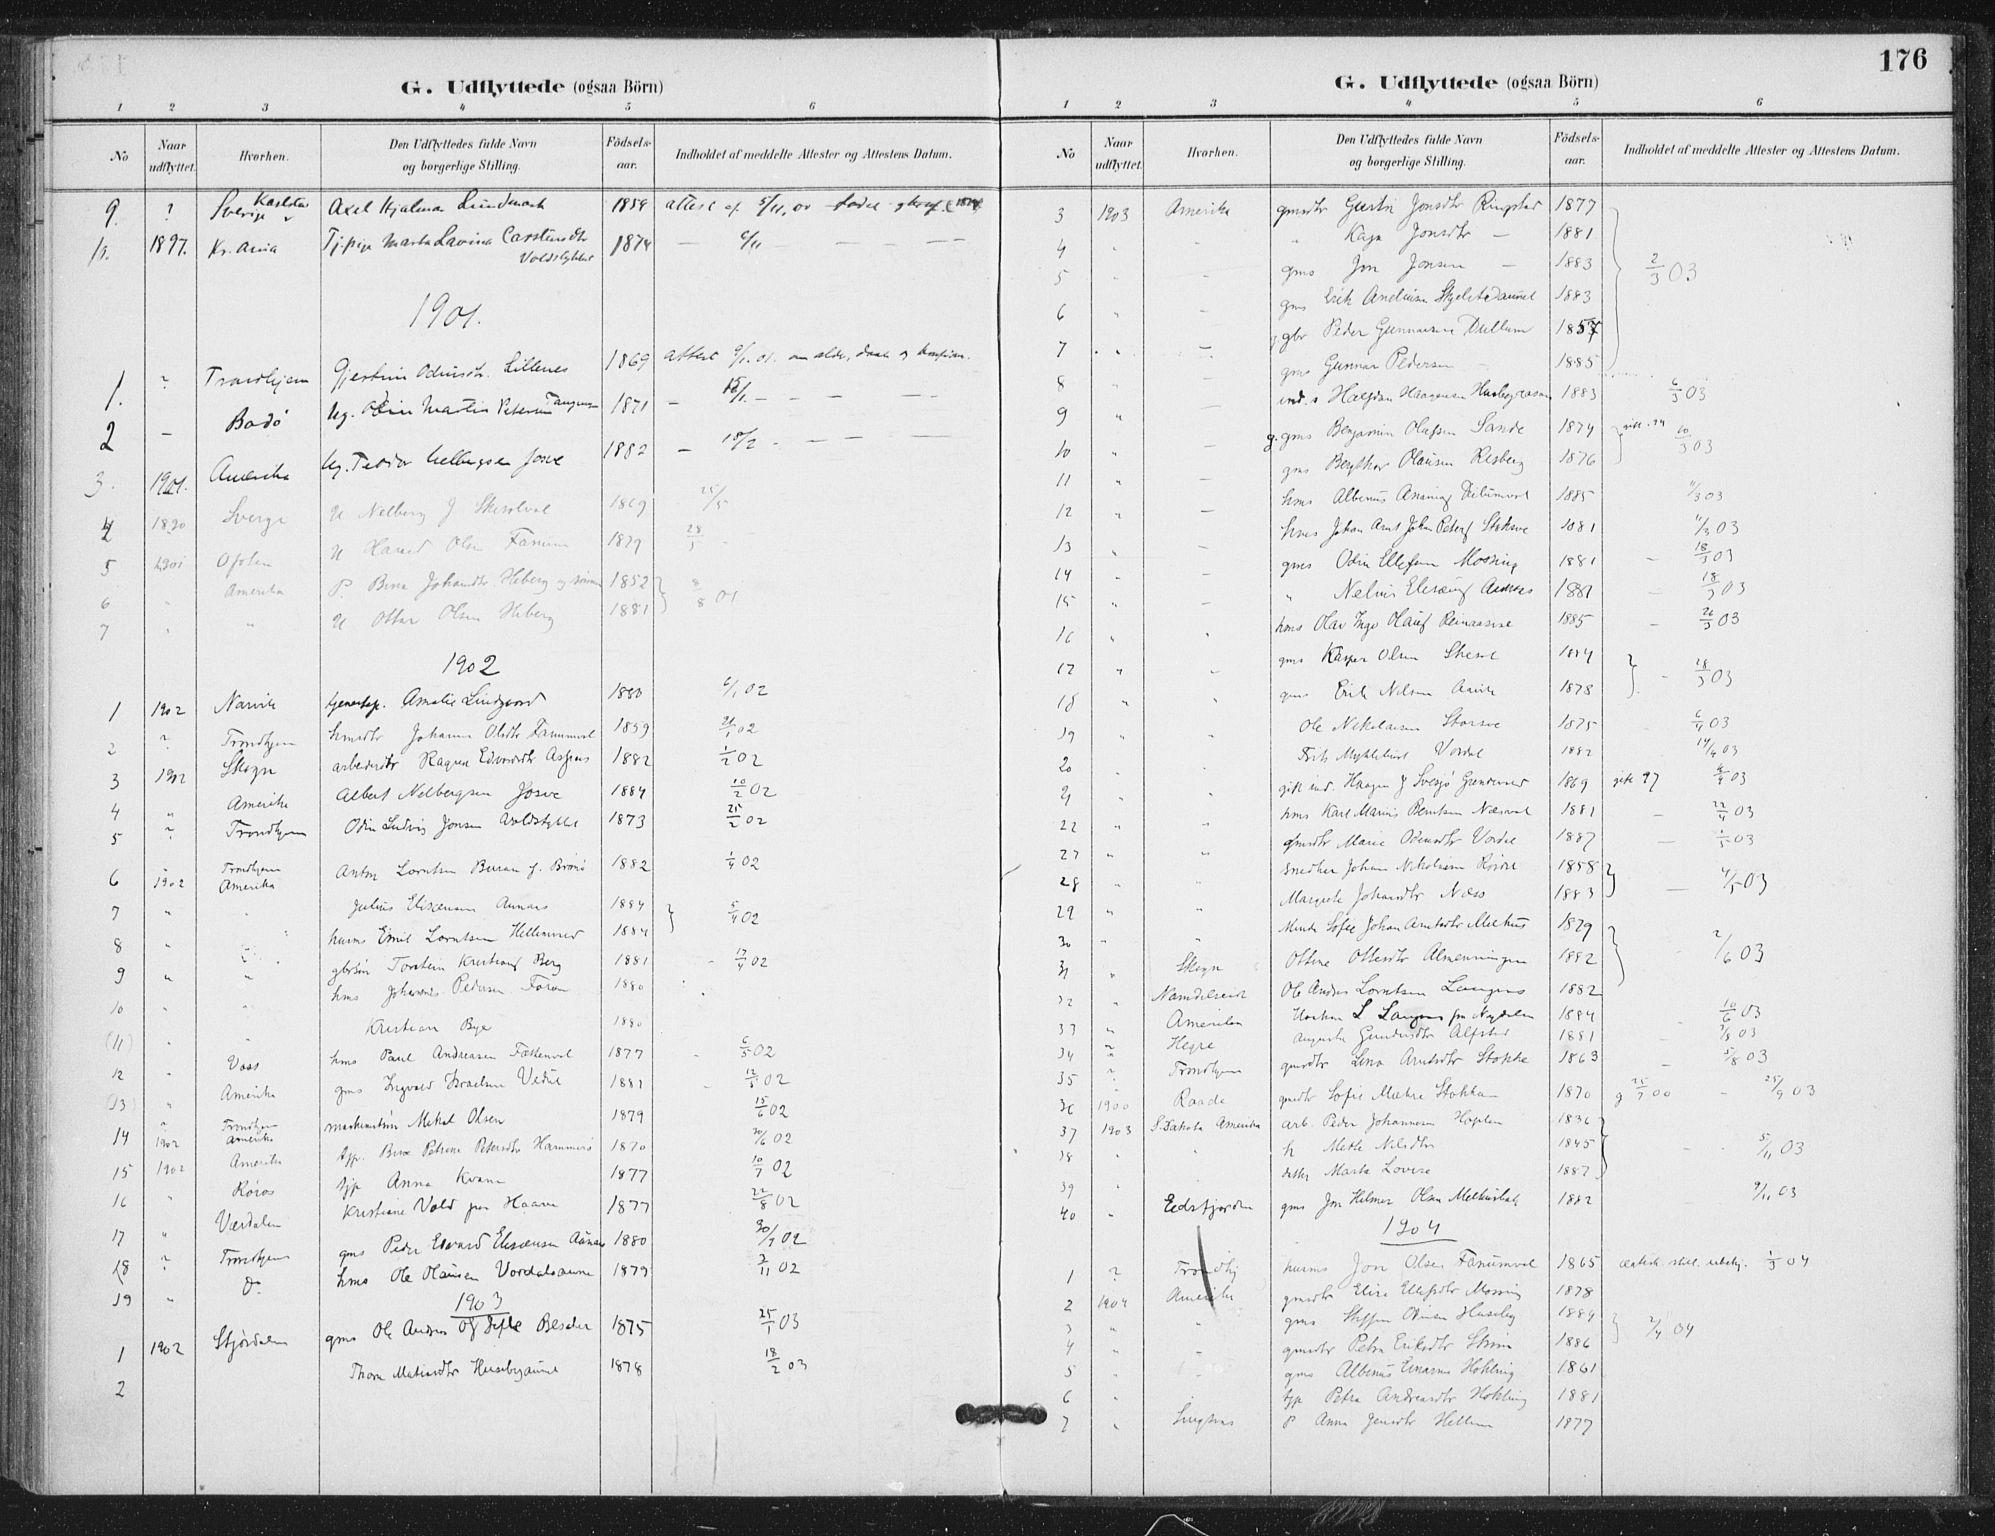 SAT, Ministerialprotokoller, klokkerbøker og fødselsregistre - Nord-Trøndelag, 714/L0131: Ministerialbok nr. 714A02, 1896-1918, s. 176